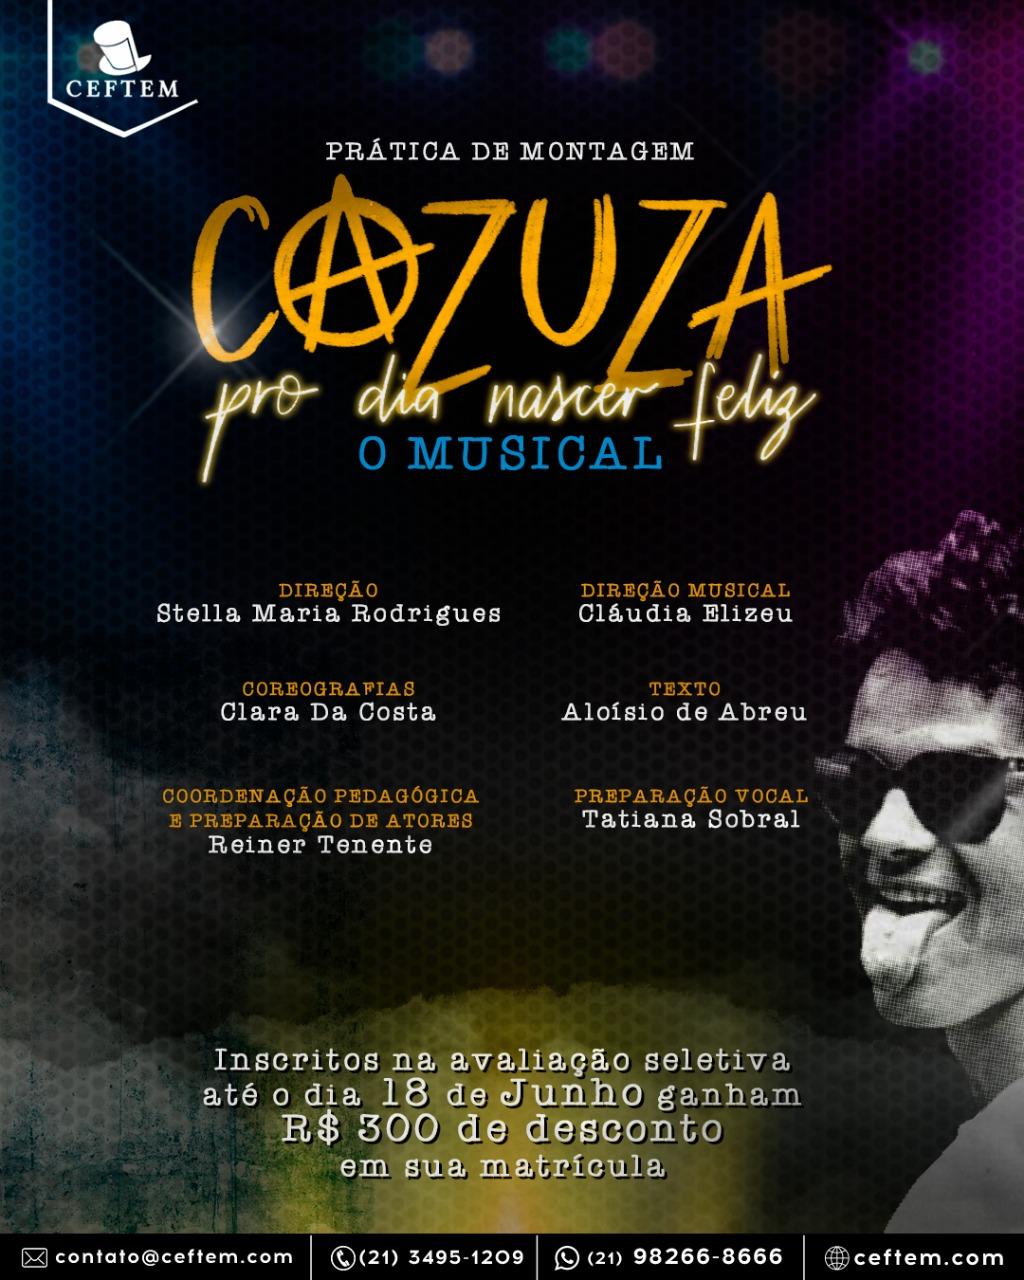 Ícone Notícia Cazuza - Pro Dia Nascer Feliz - O Musical - Inscreva-se Para a Avaliação Seletiva!